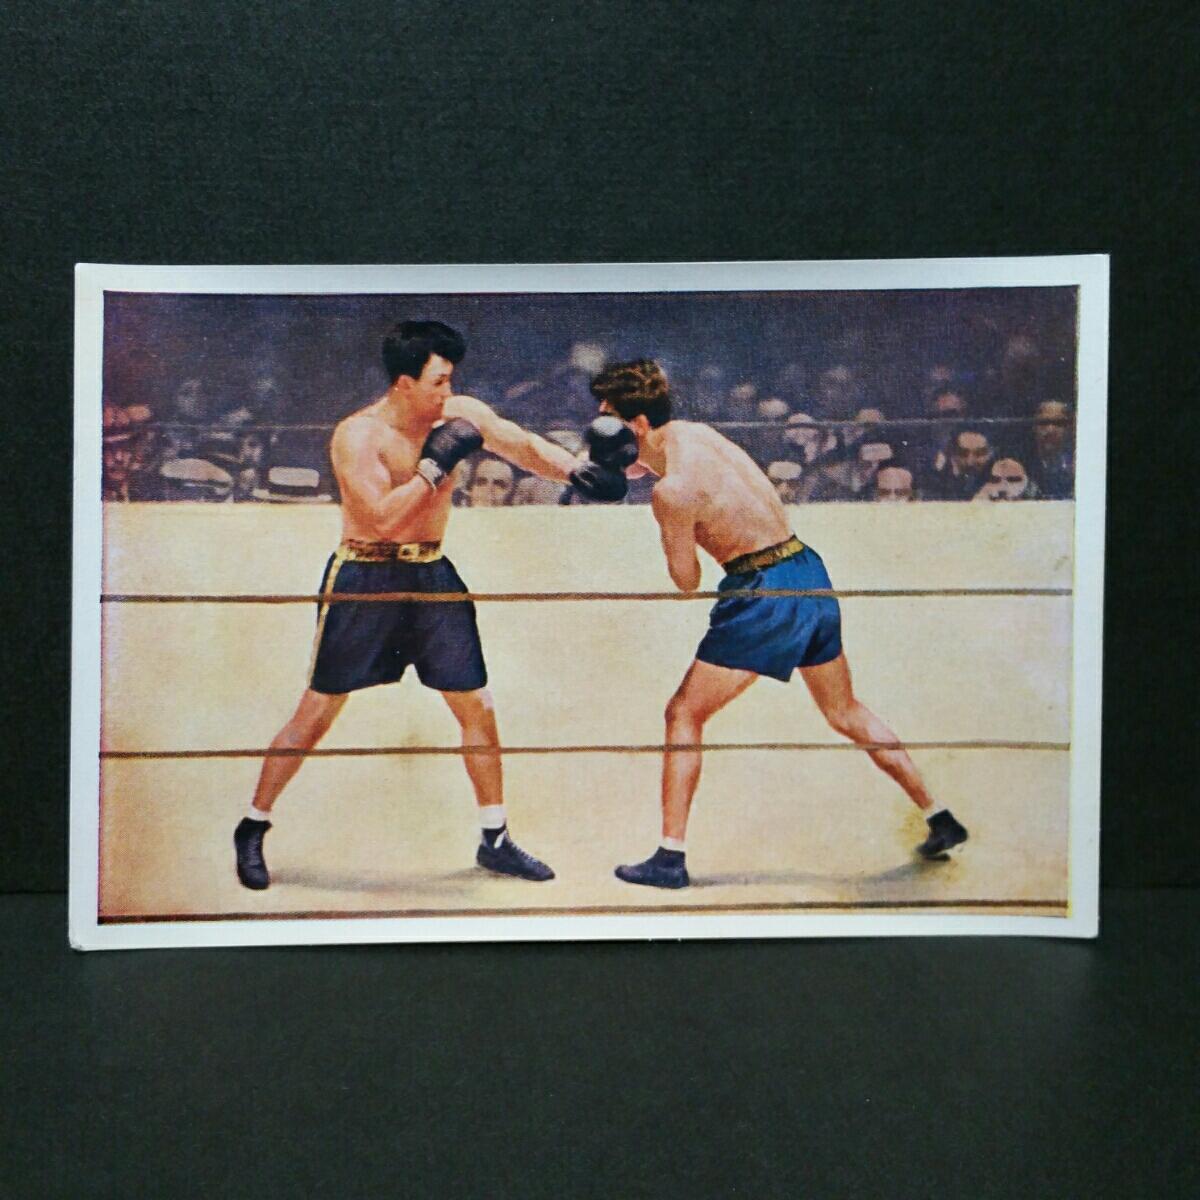 1933 sanella set スポーツカード ボクシング MAX SCHMELING VS JACK SHARKEY/ブロマイド